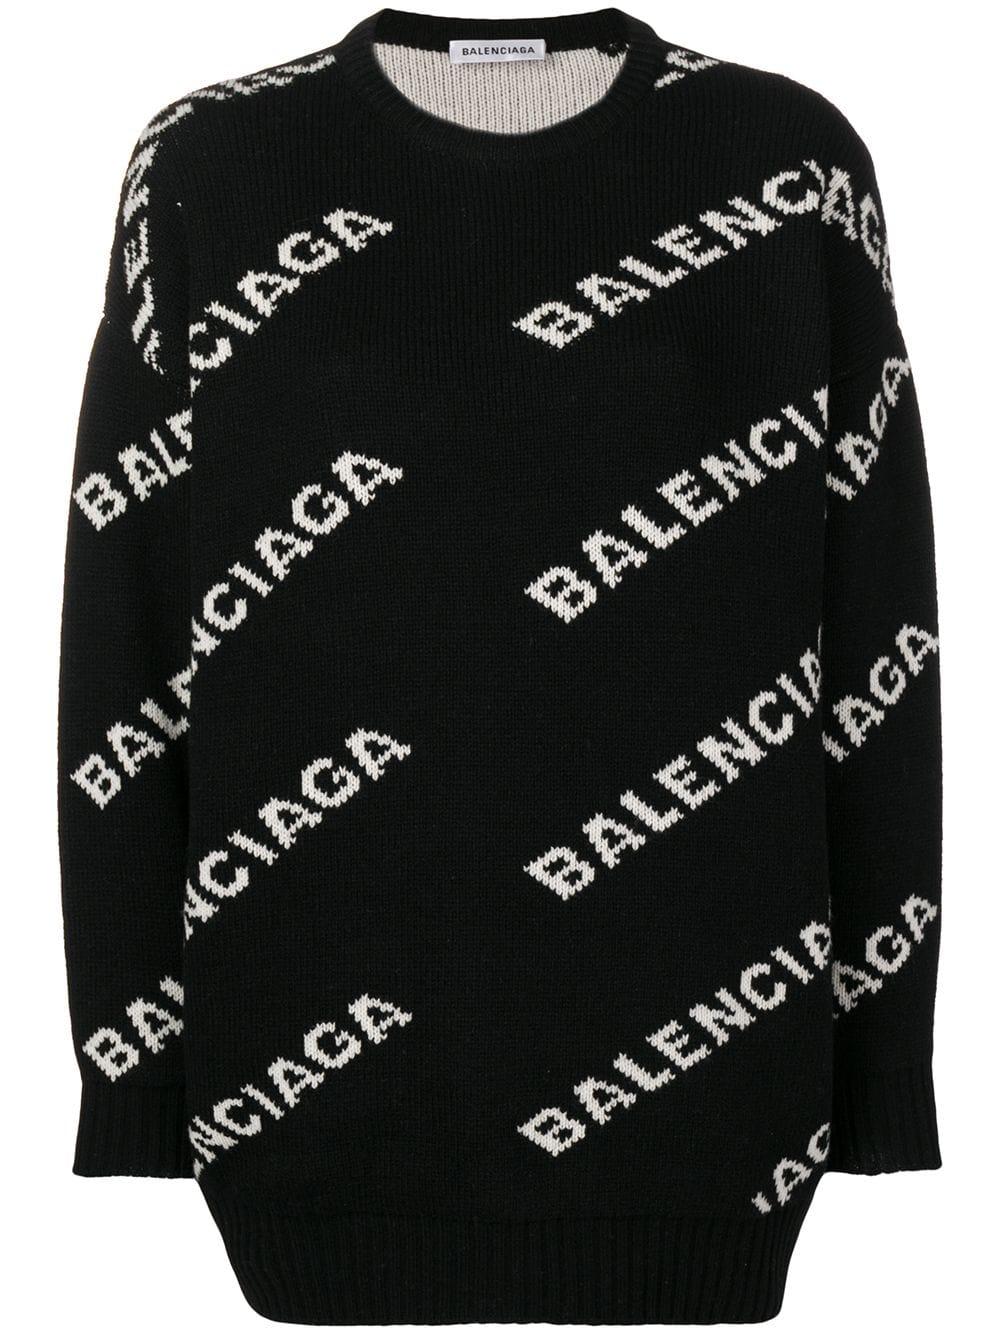 Balenciaga джемпер вязки интарсия с логотипом